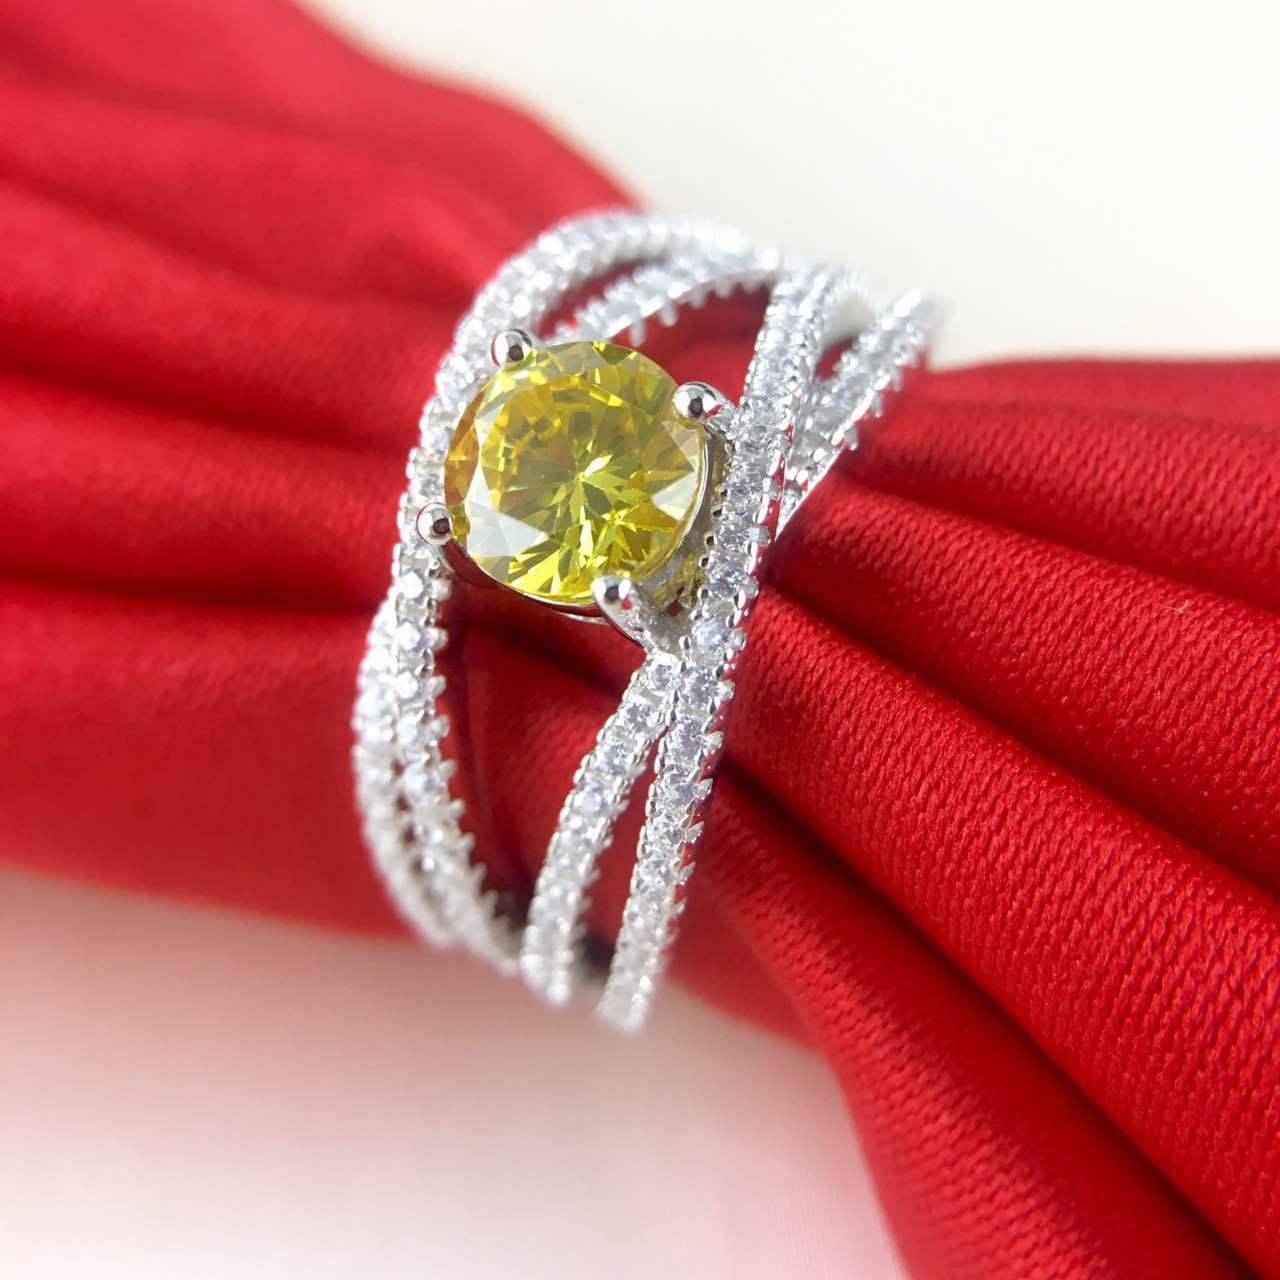 Original jaune 0.8 ct diamant synthétique argent mariage croix noeud bague de mariage bijoux (JSA)